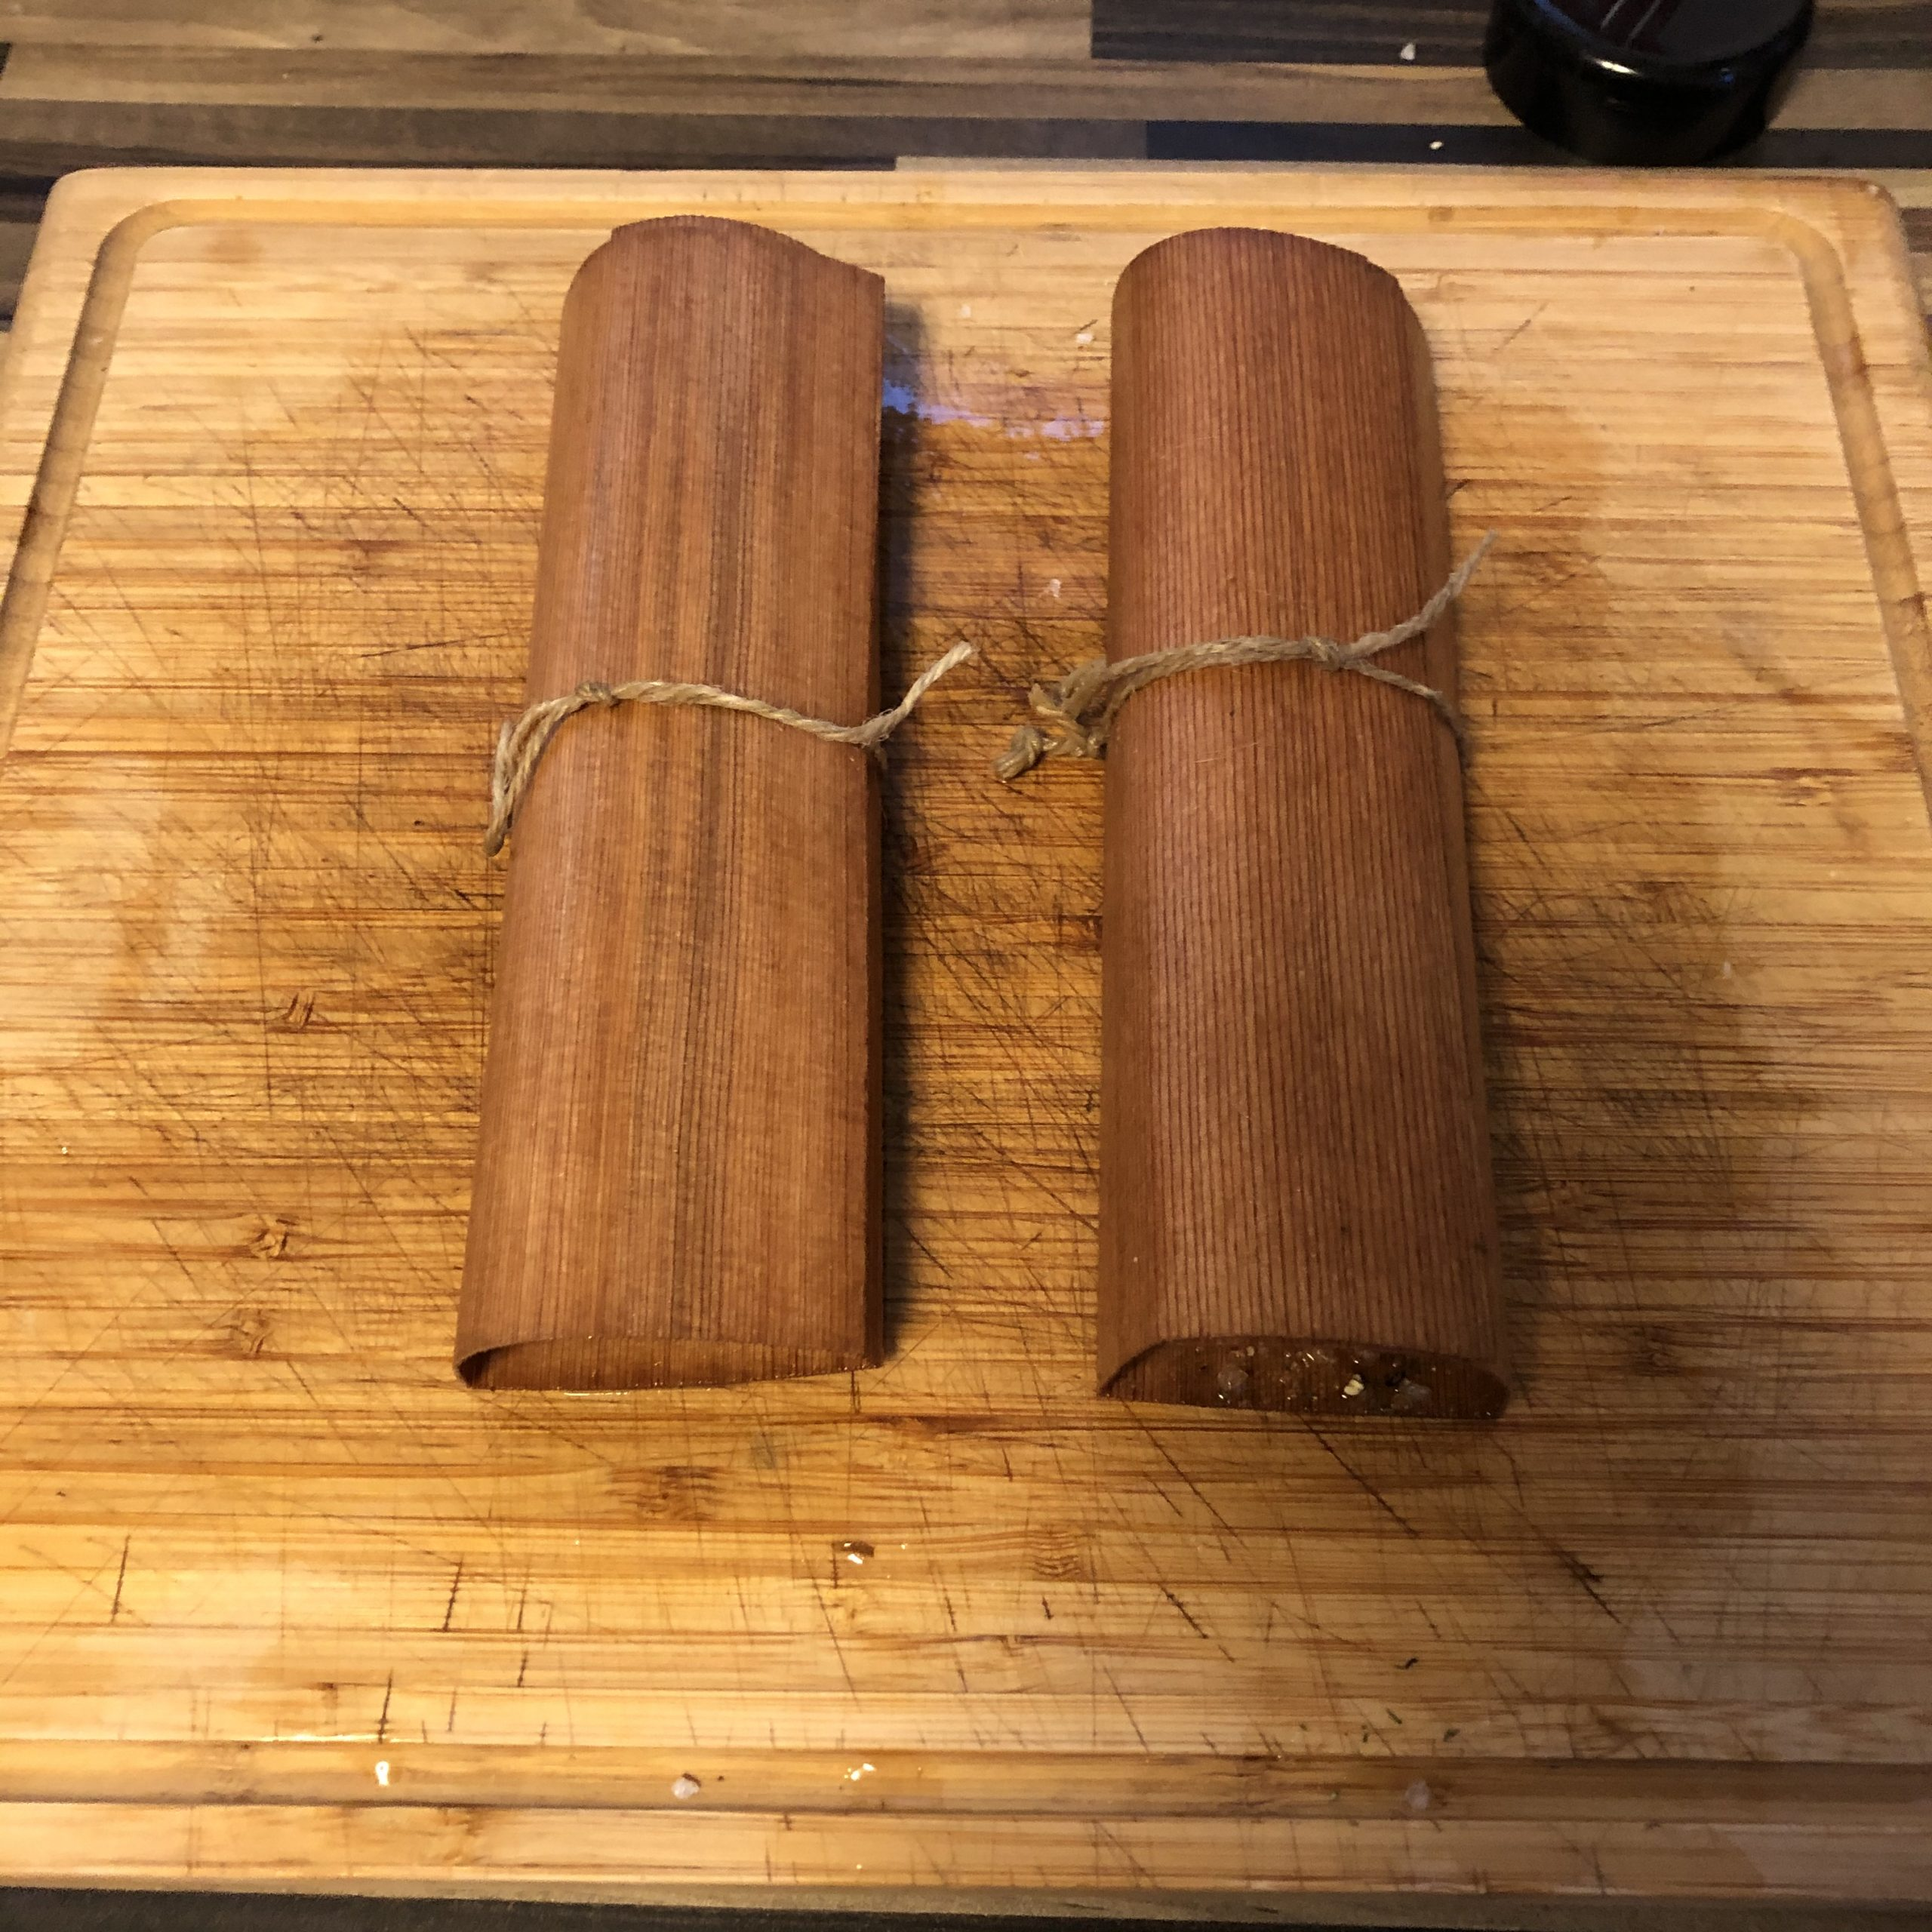 Lachsfilet in Wood Wraps aus Zedernholz mit Schnur fixiert